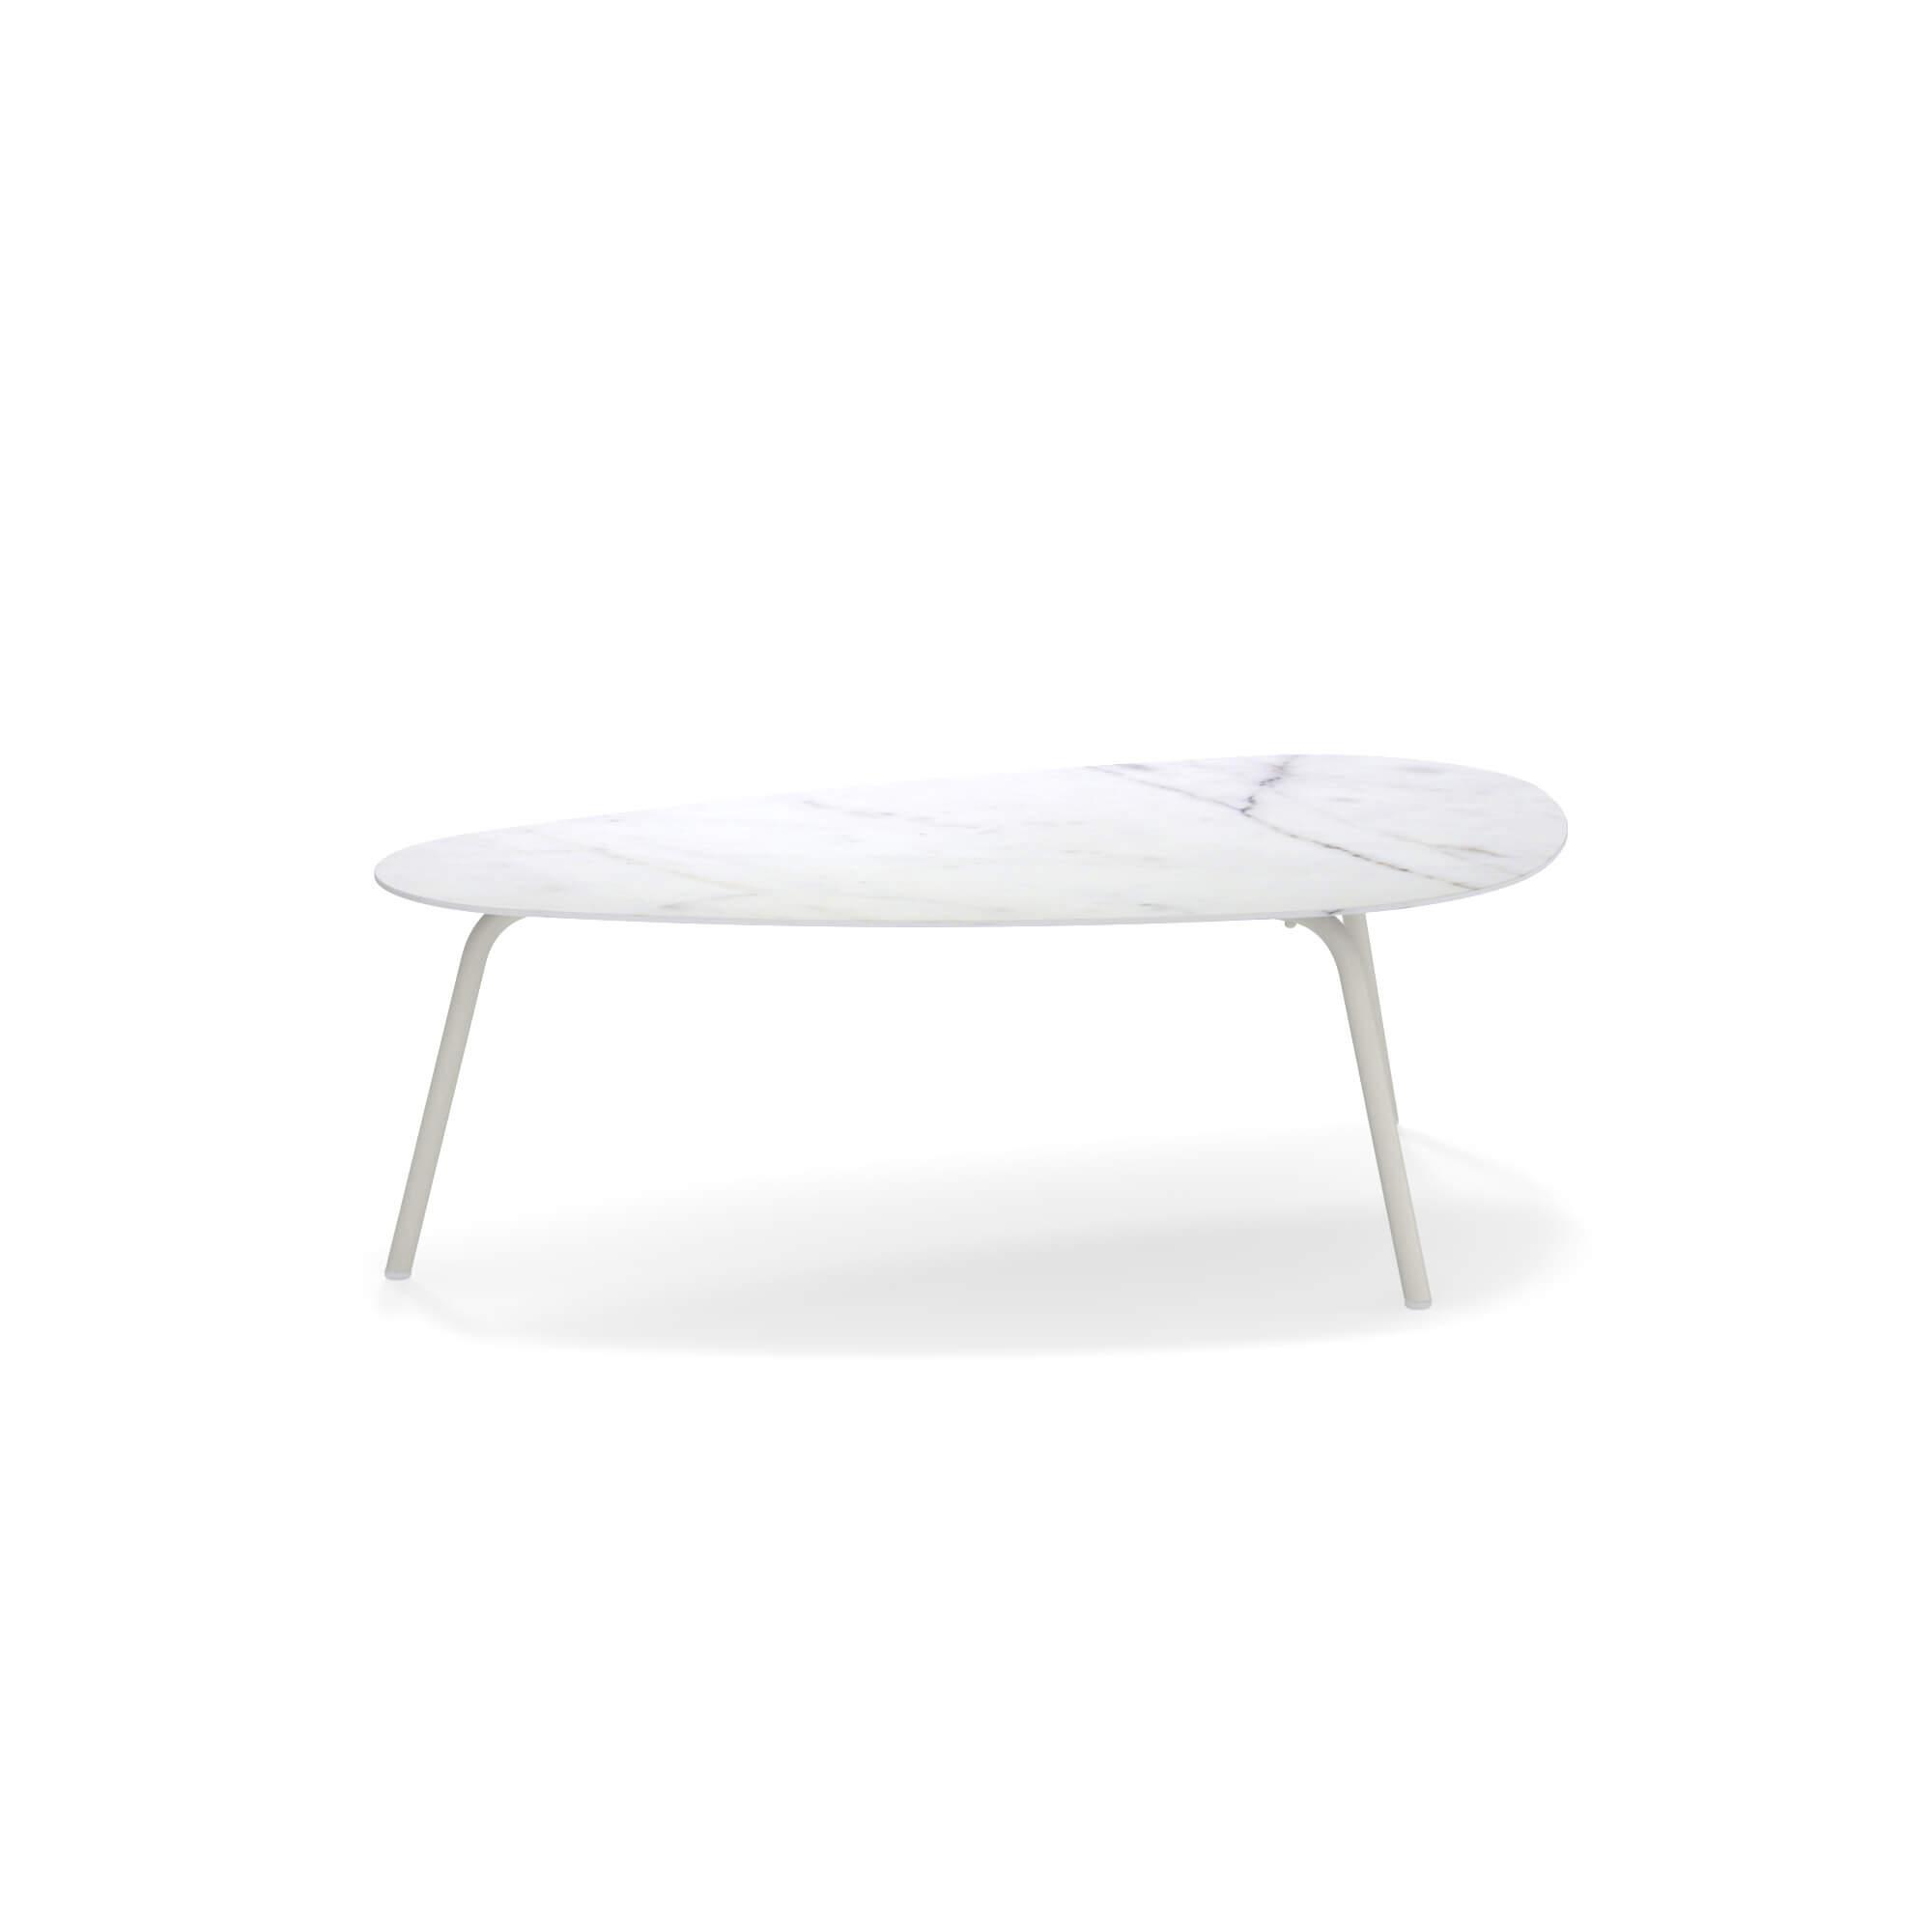 Garten Tisch Niedrig Tischplatte Feinsteinzeug 108x64 Fur Den Aussenbereich Aus Aluminium Feinsteinzeugfliesen Kollektion Terramare